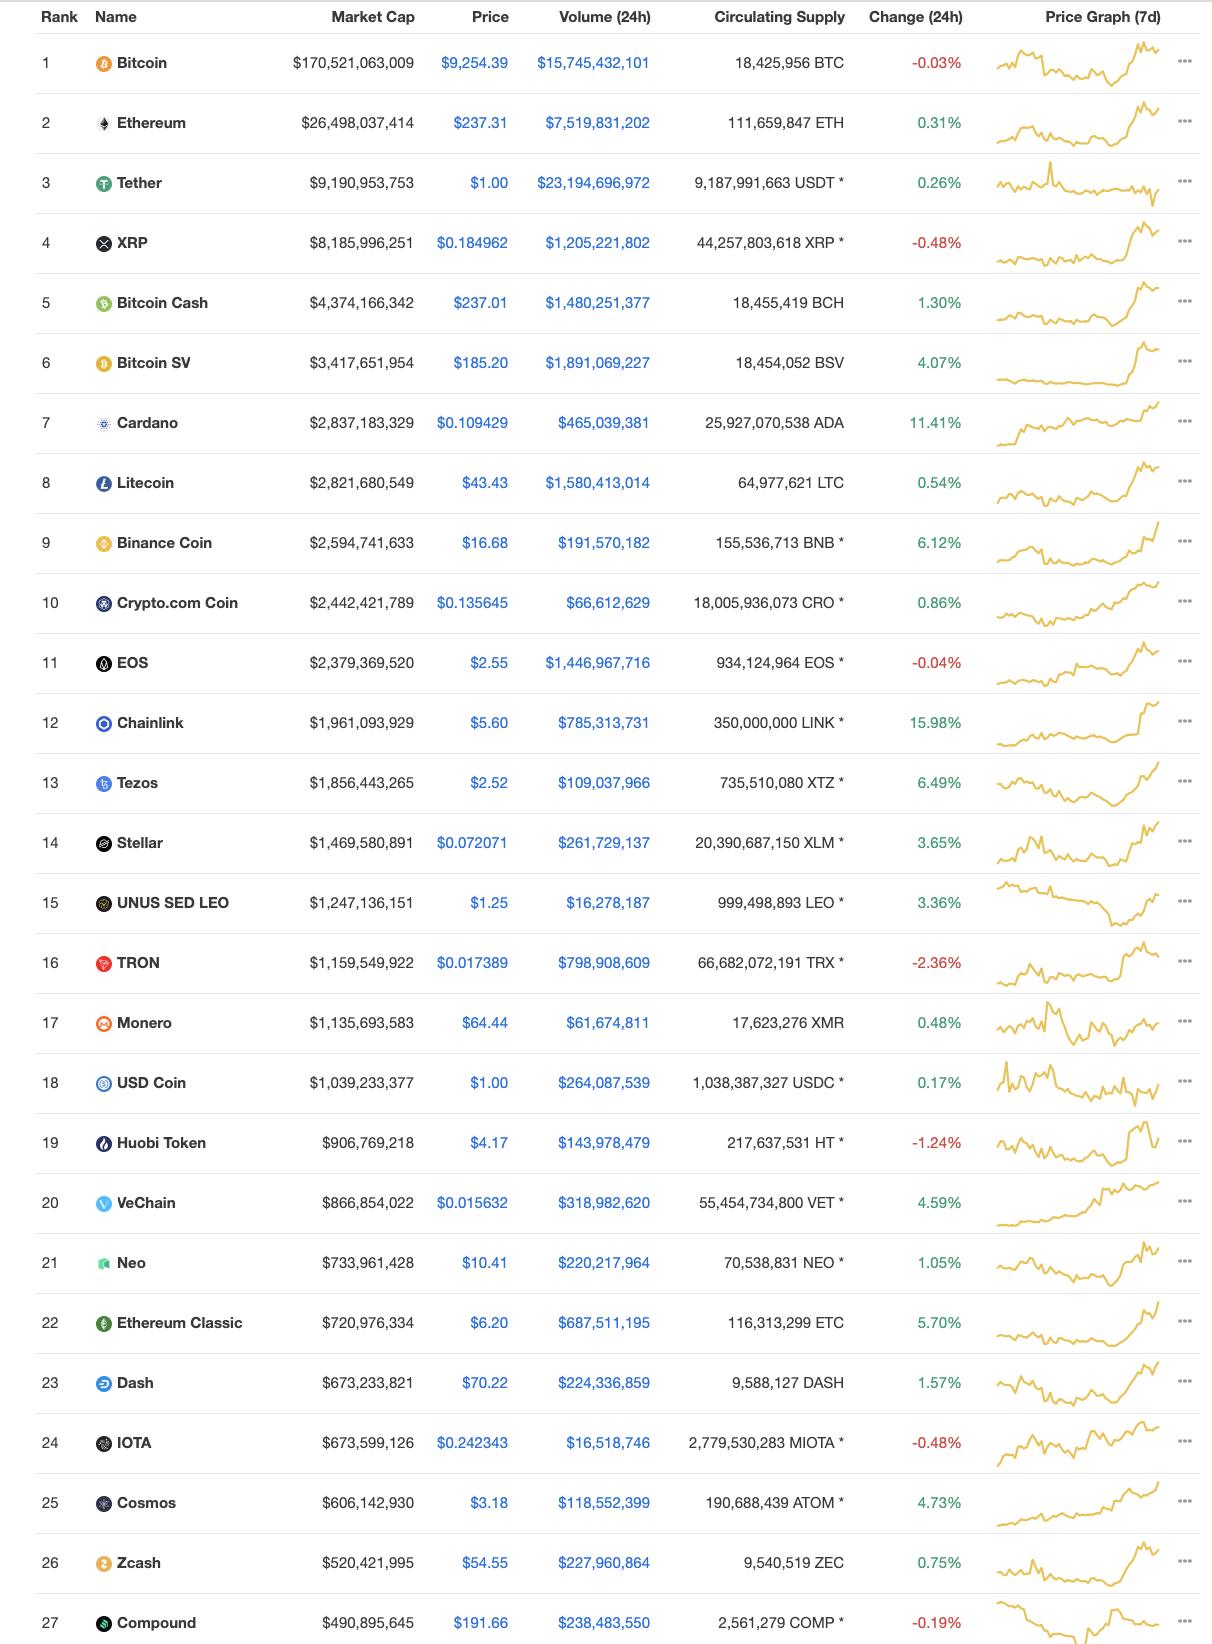 Top cryptos by market cap, July 2020